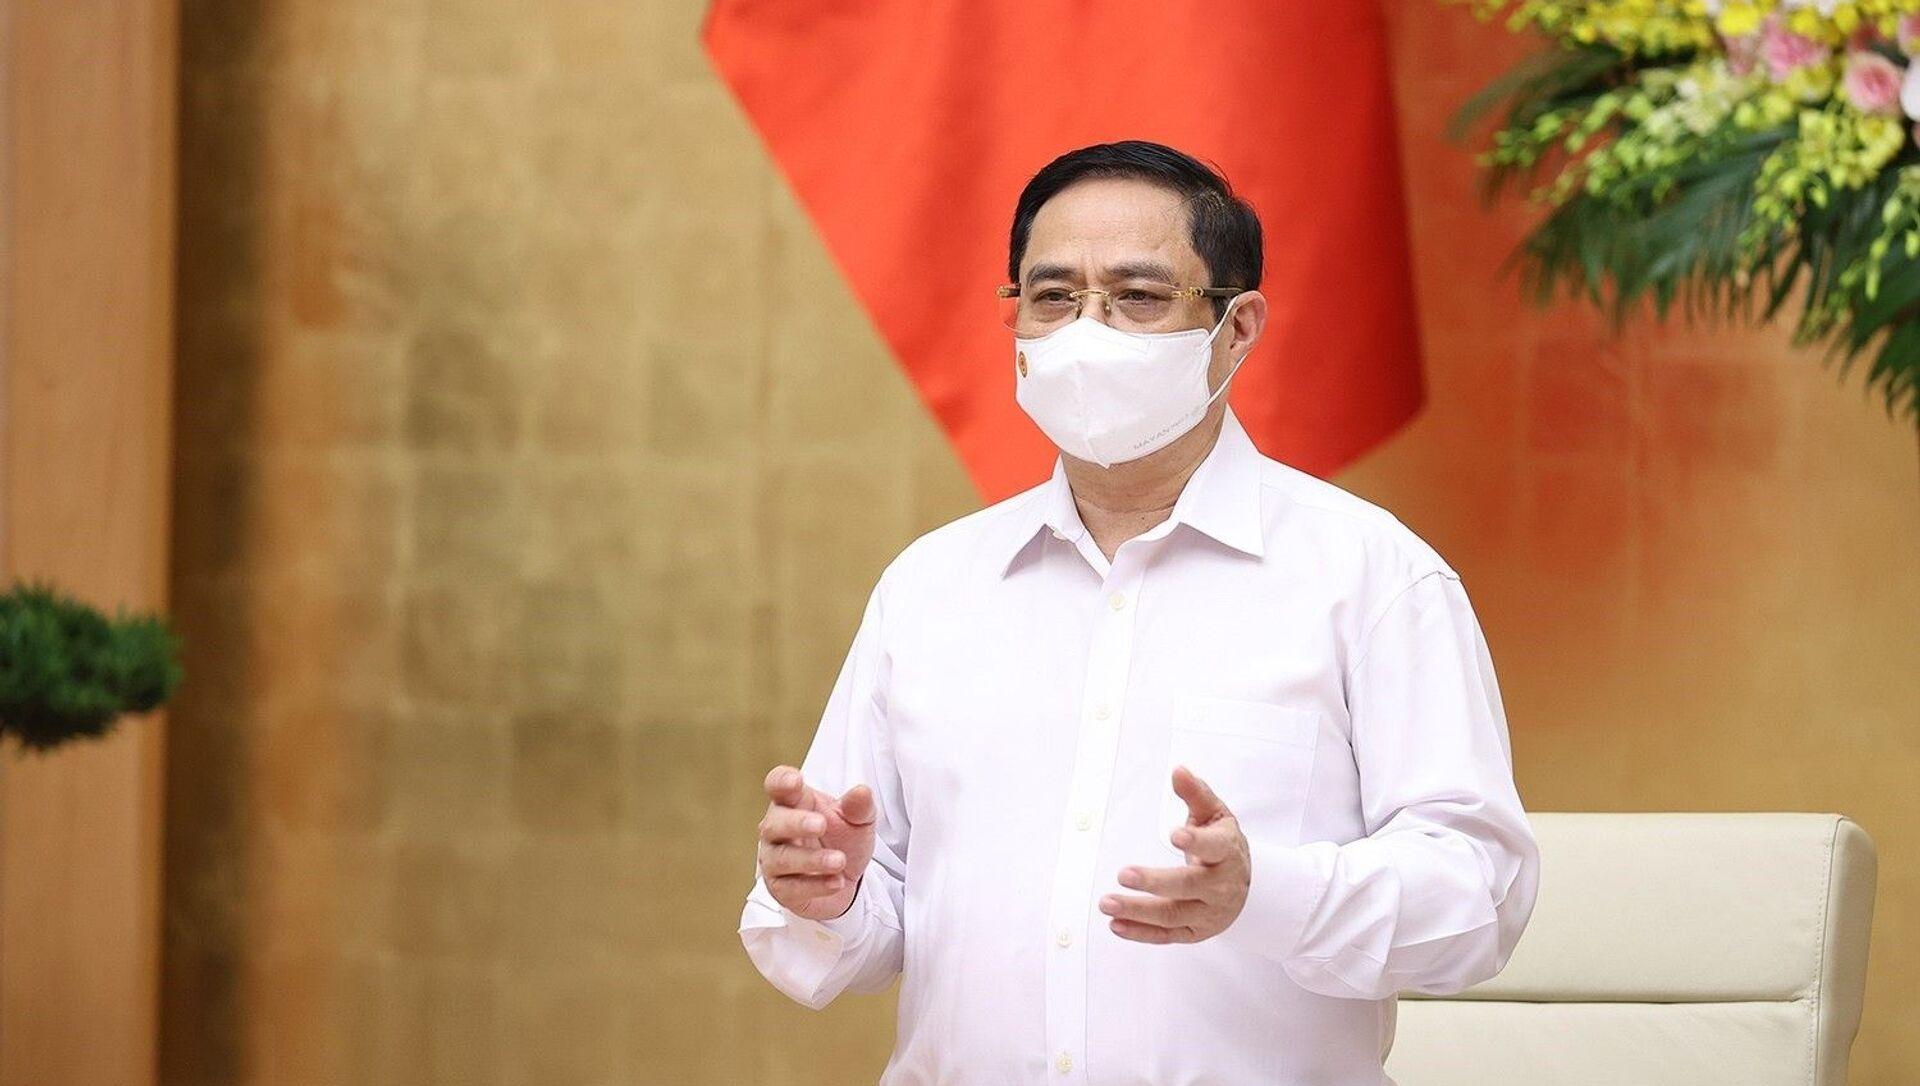 Thủ tướng Phạm Minh Chính chủ trì Phiên họp Chính phủ thường kỳ tháng 5 - Sputnik Việt Nam, 1920, 20.06.2021